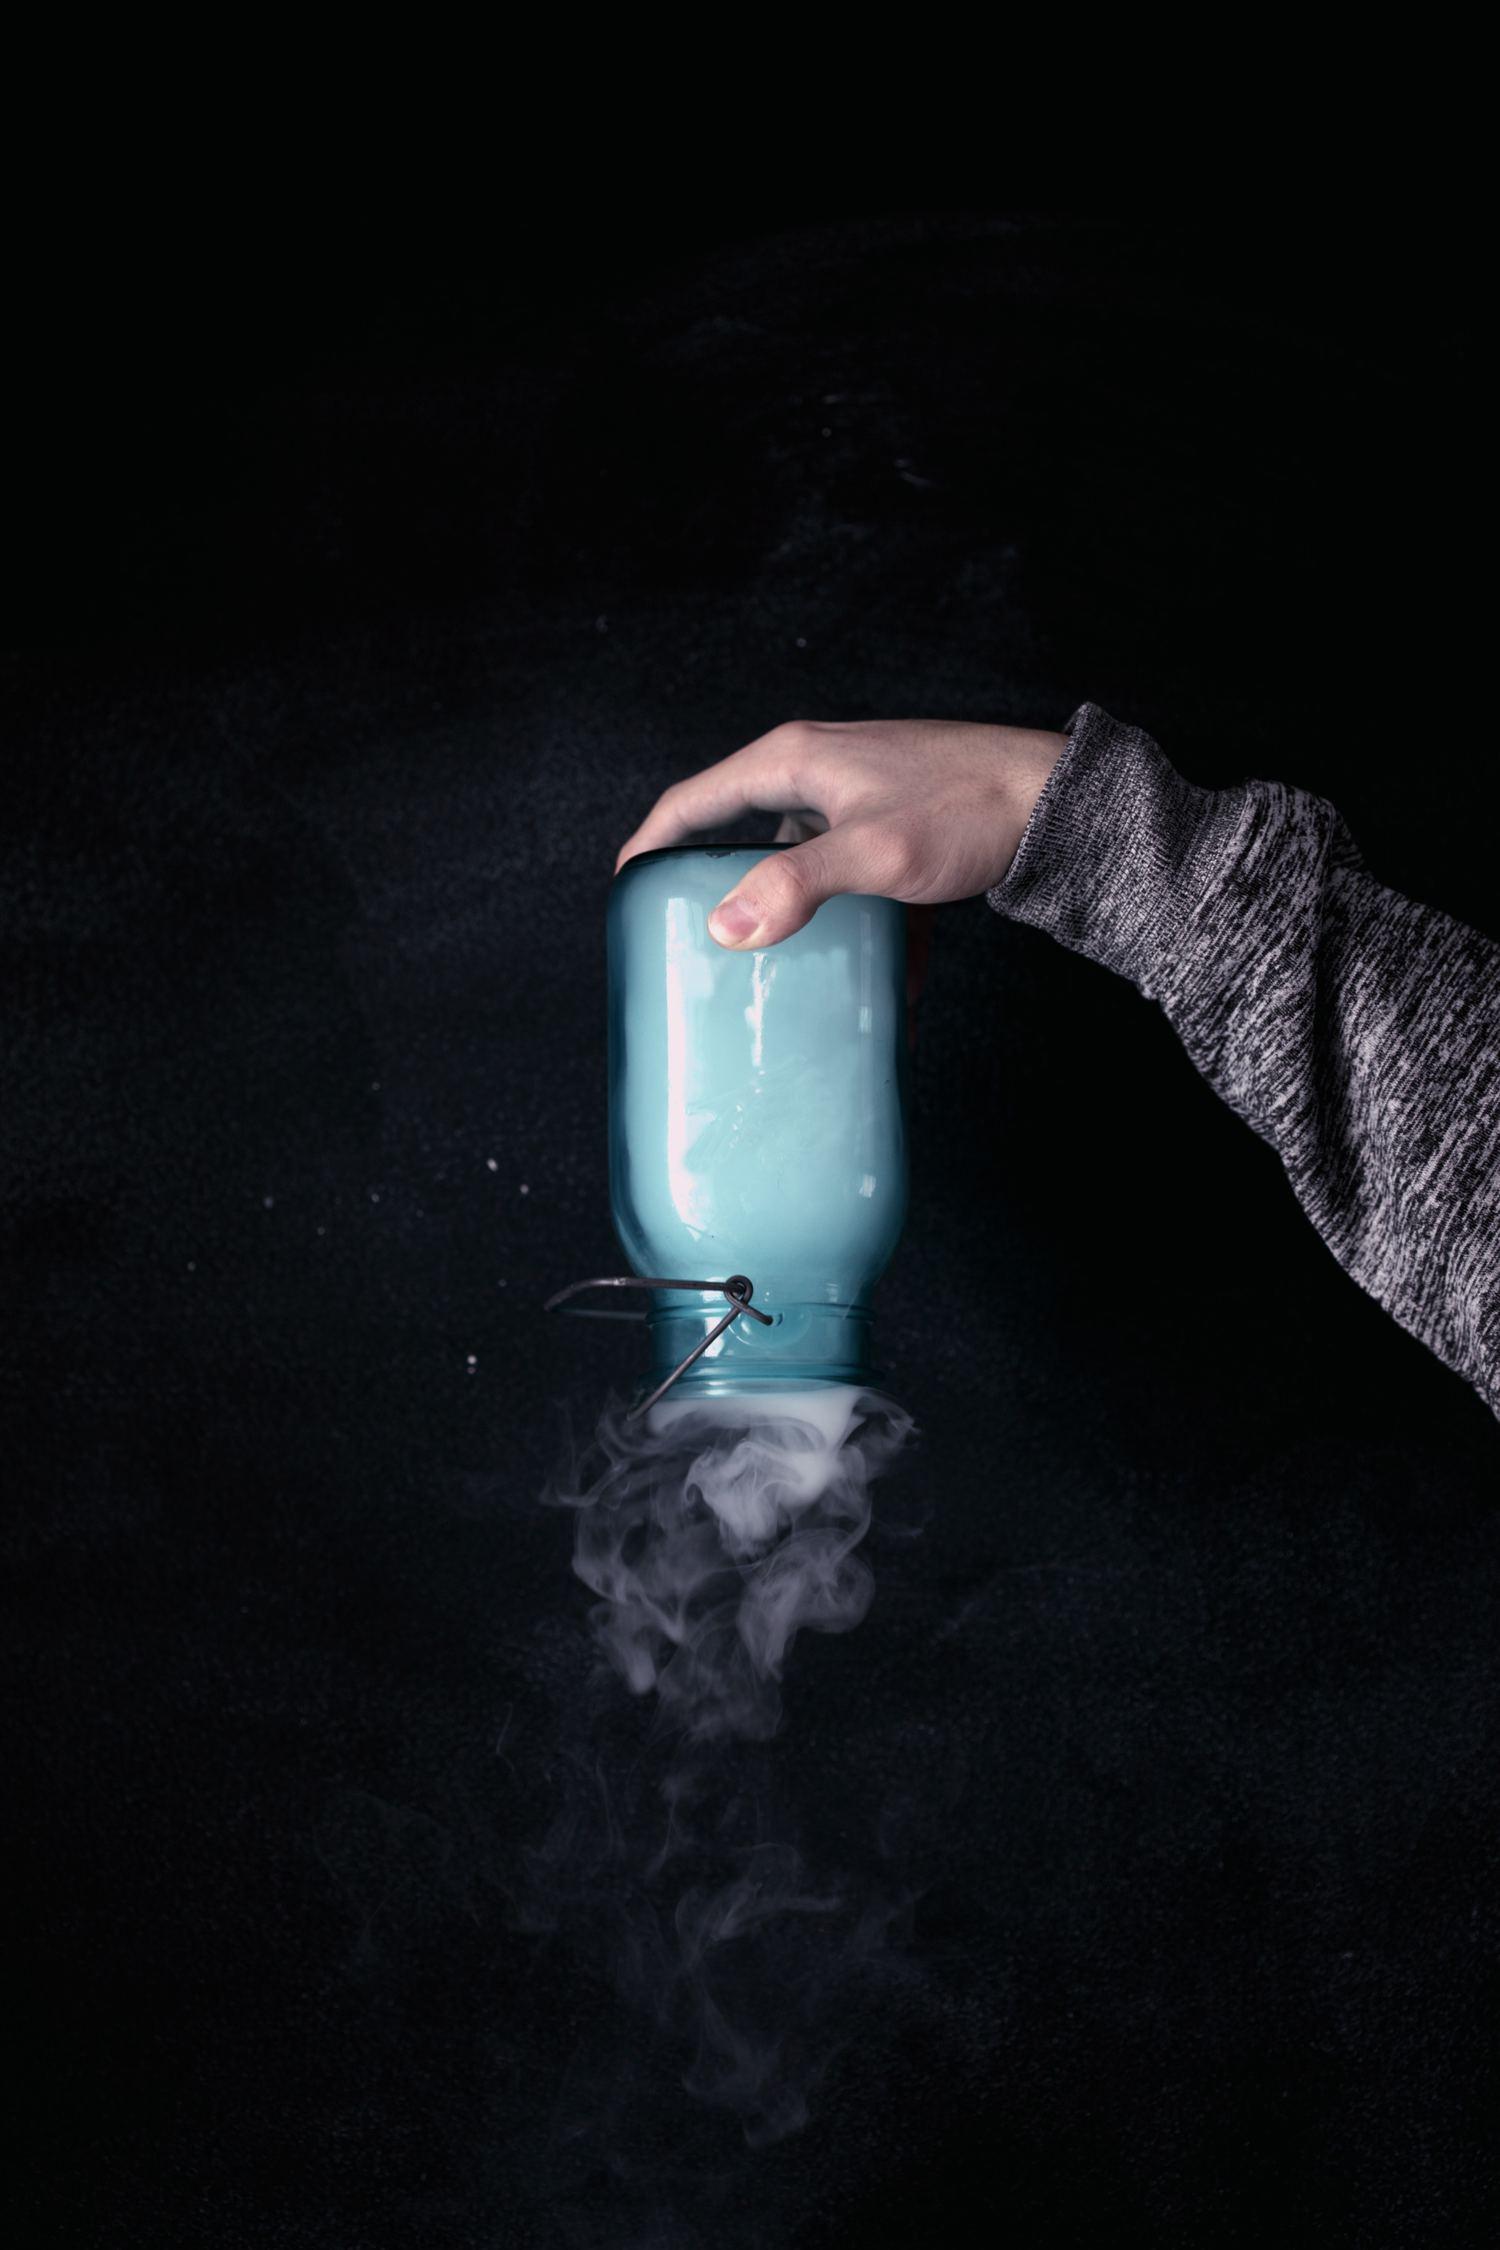 fotografía botella con humo clave baja